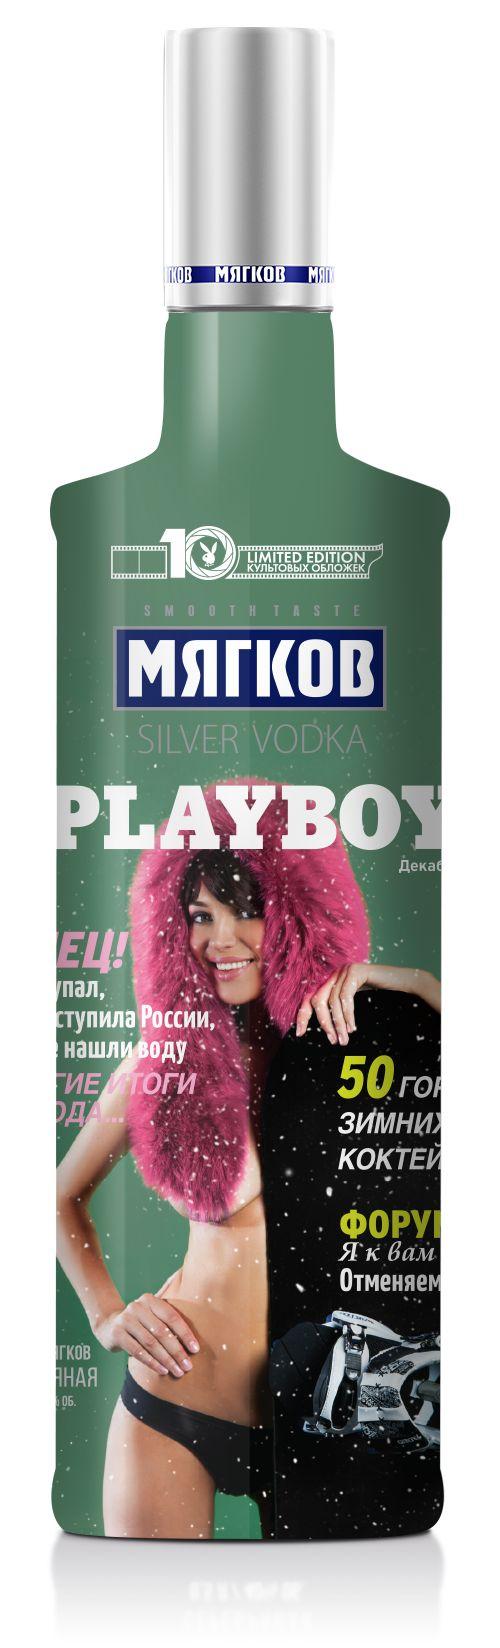 Myagkov Playboy Limited Edition, 2004 year cover remake. Мягков Плейбой Лимитированная серия. Римейк обложки 2004 года. Vodka. Spirits. Водка.